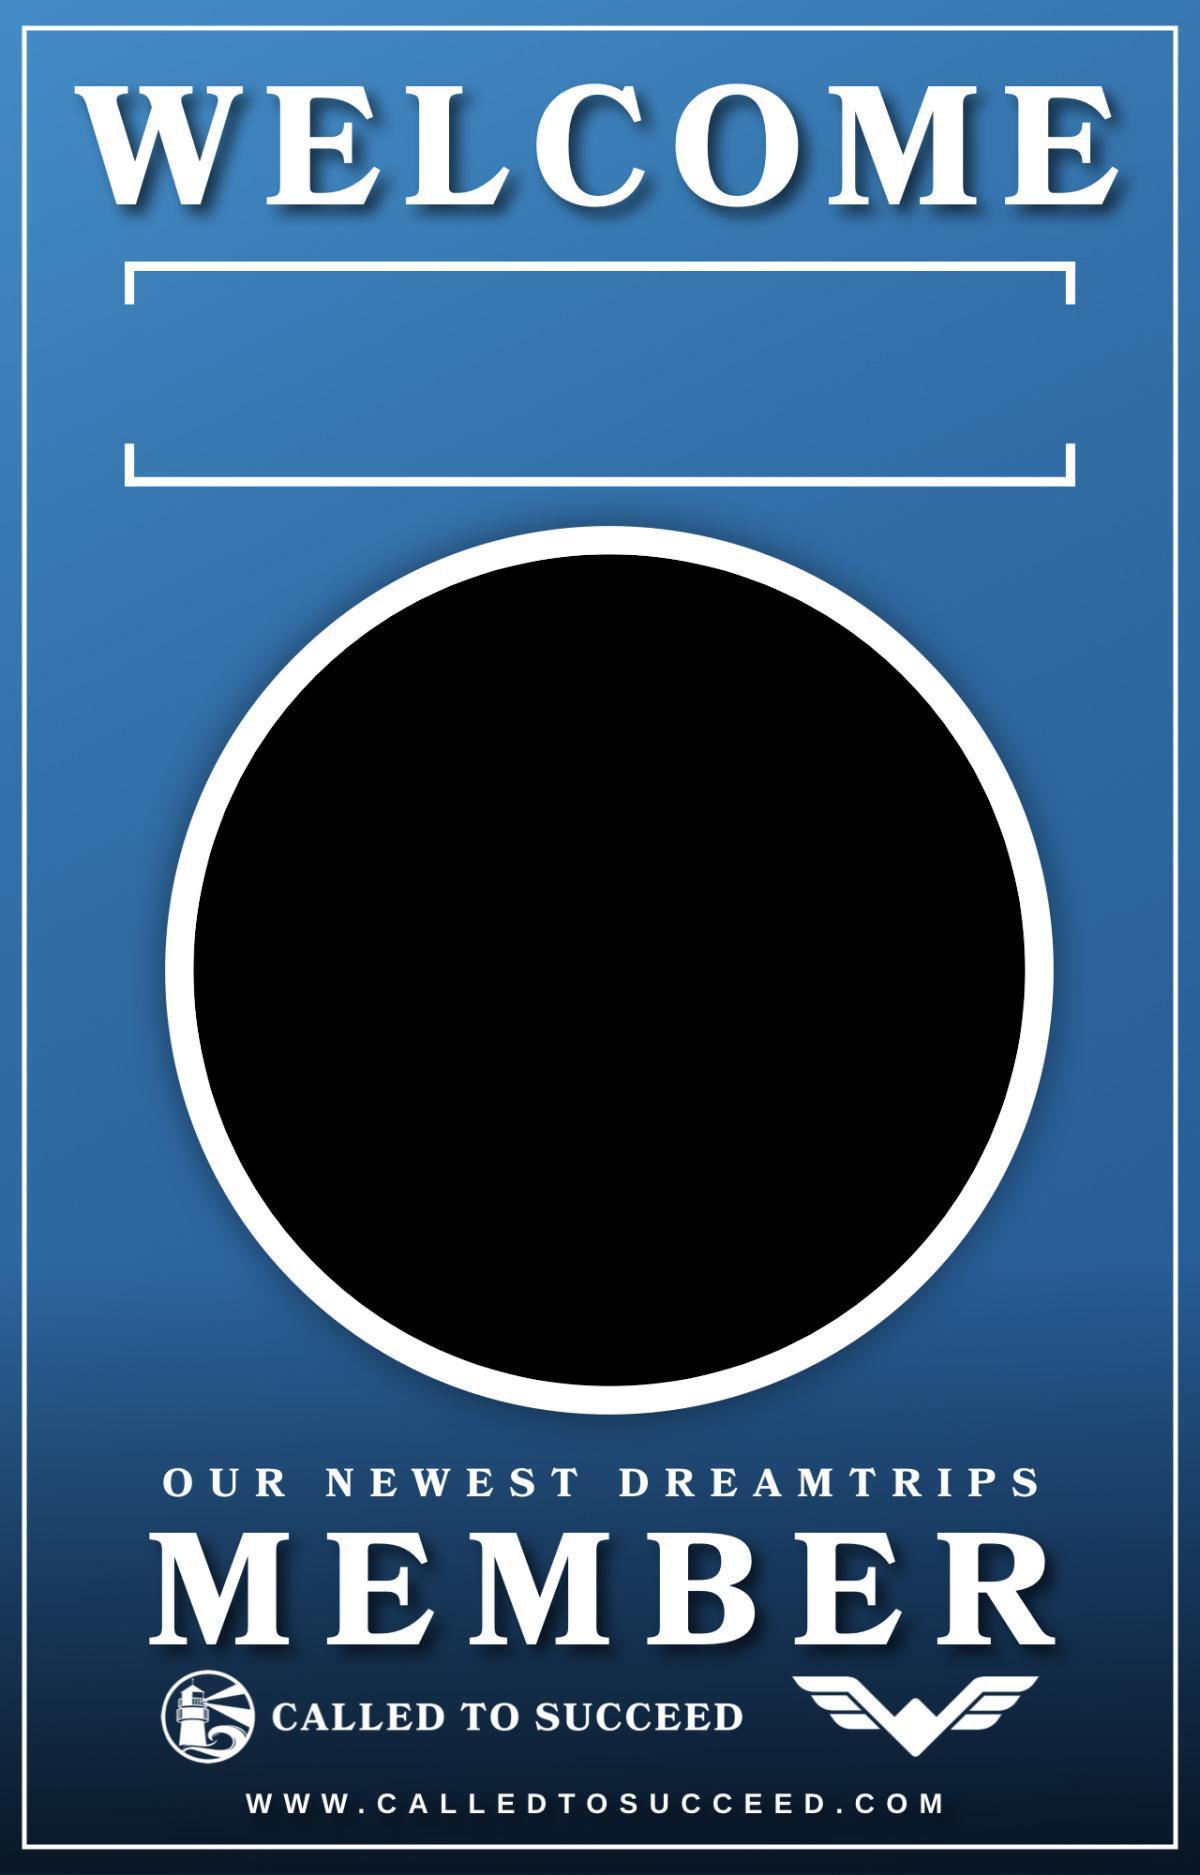 DreamTrips Member